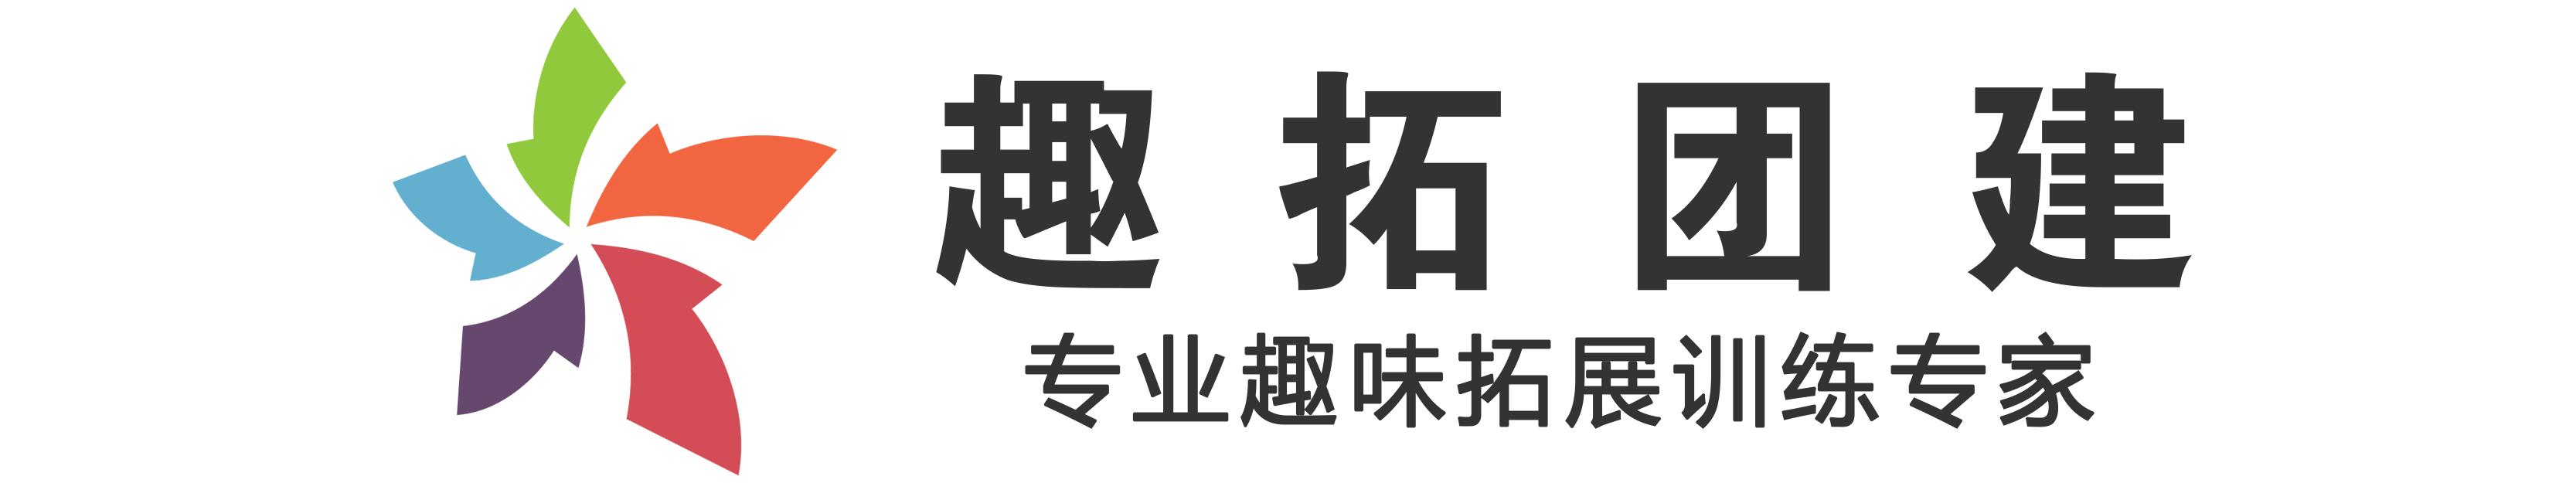 广州团建活动公司